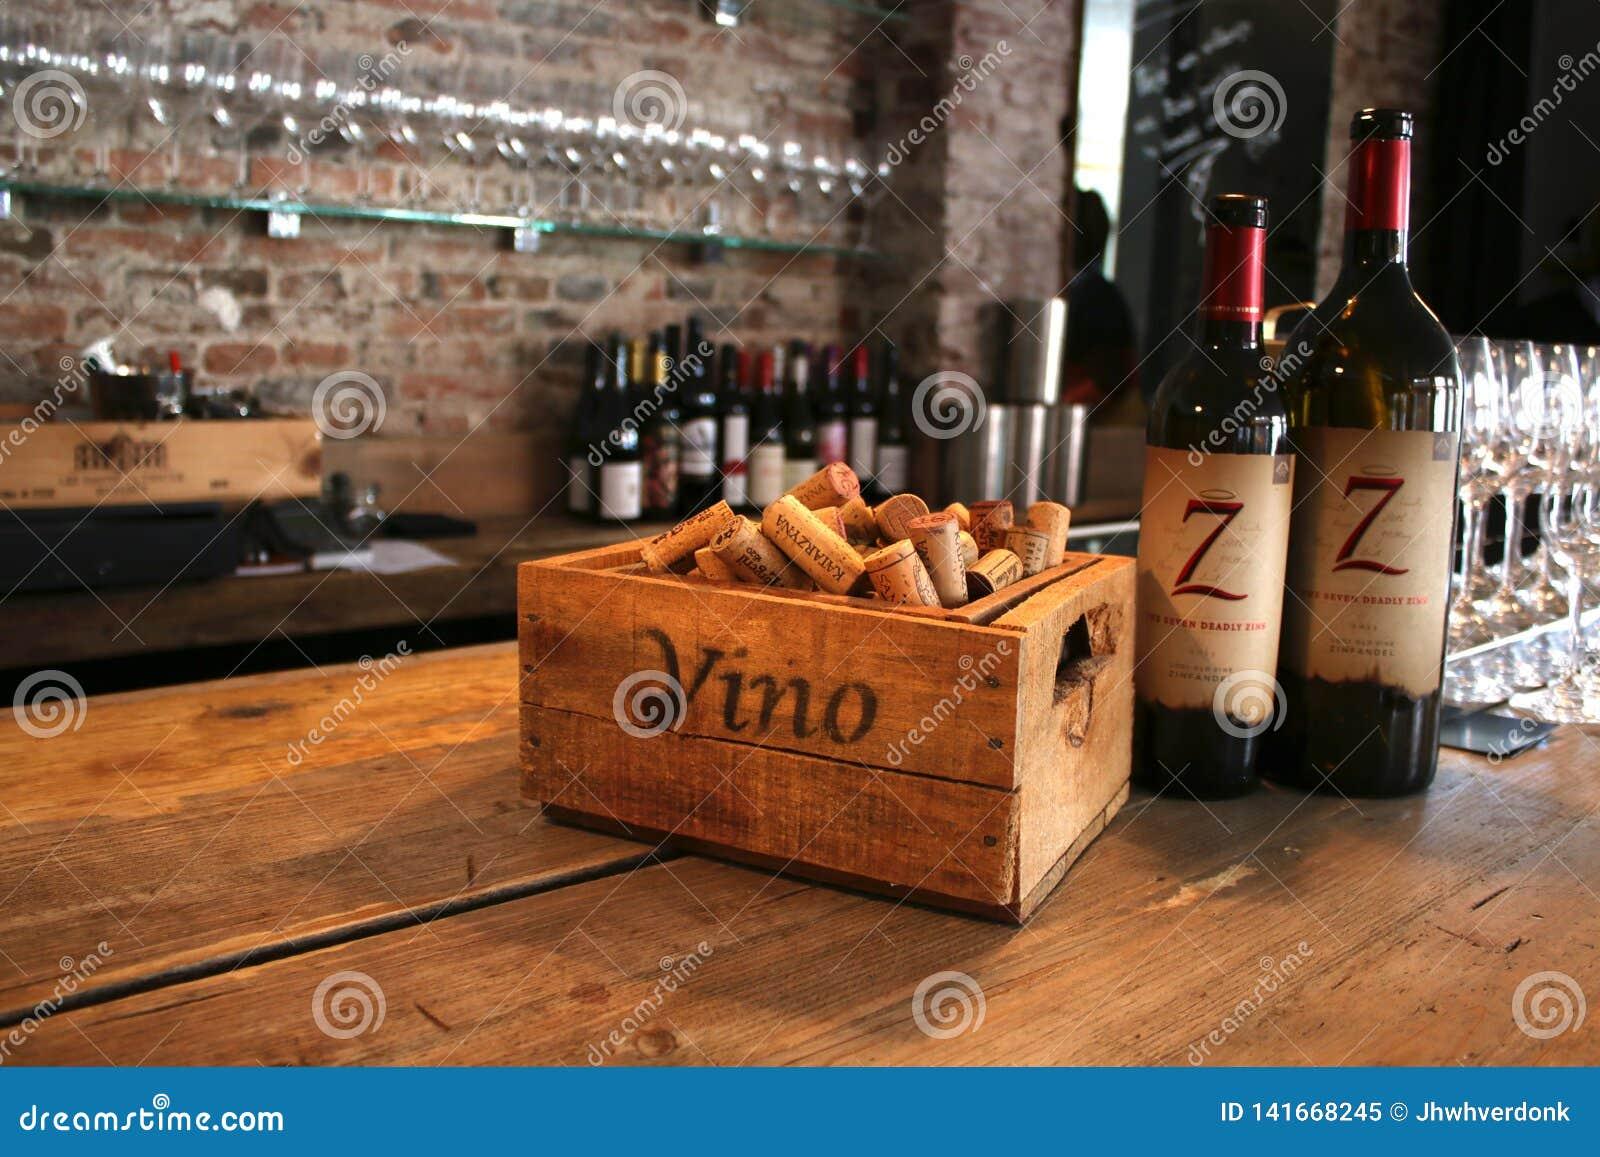 Utrecht, Netherland, Maart 10 - 2019: De opstelling van de wijnbar met houten kurkt en twee flessen wijn